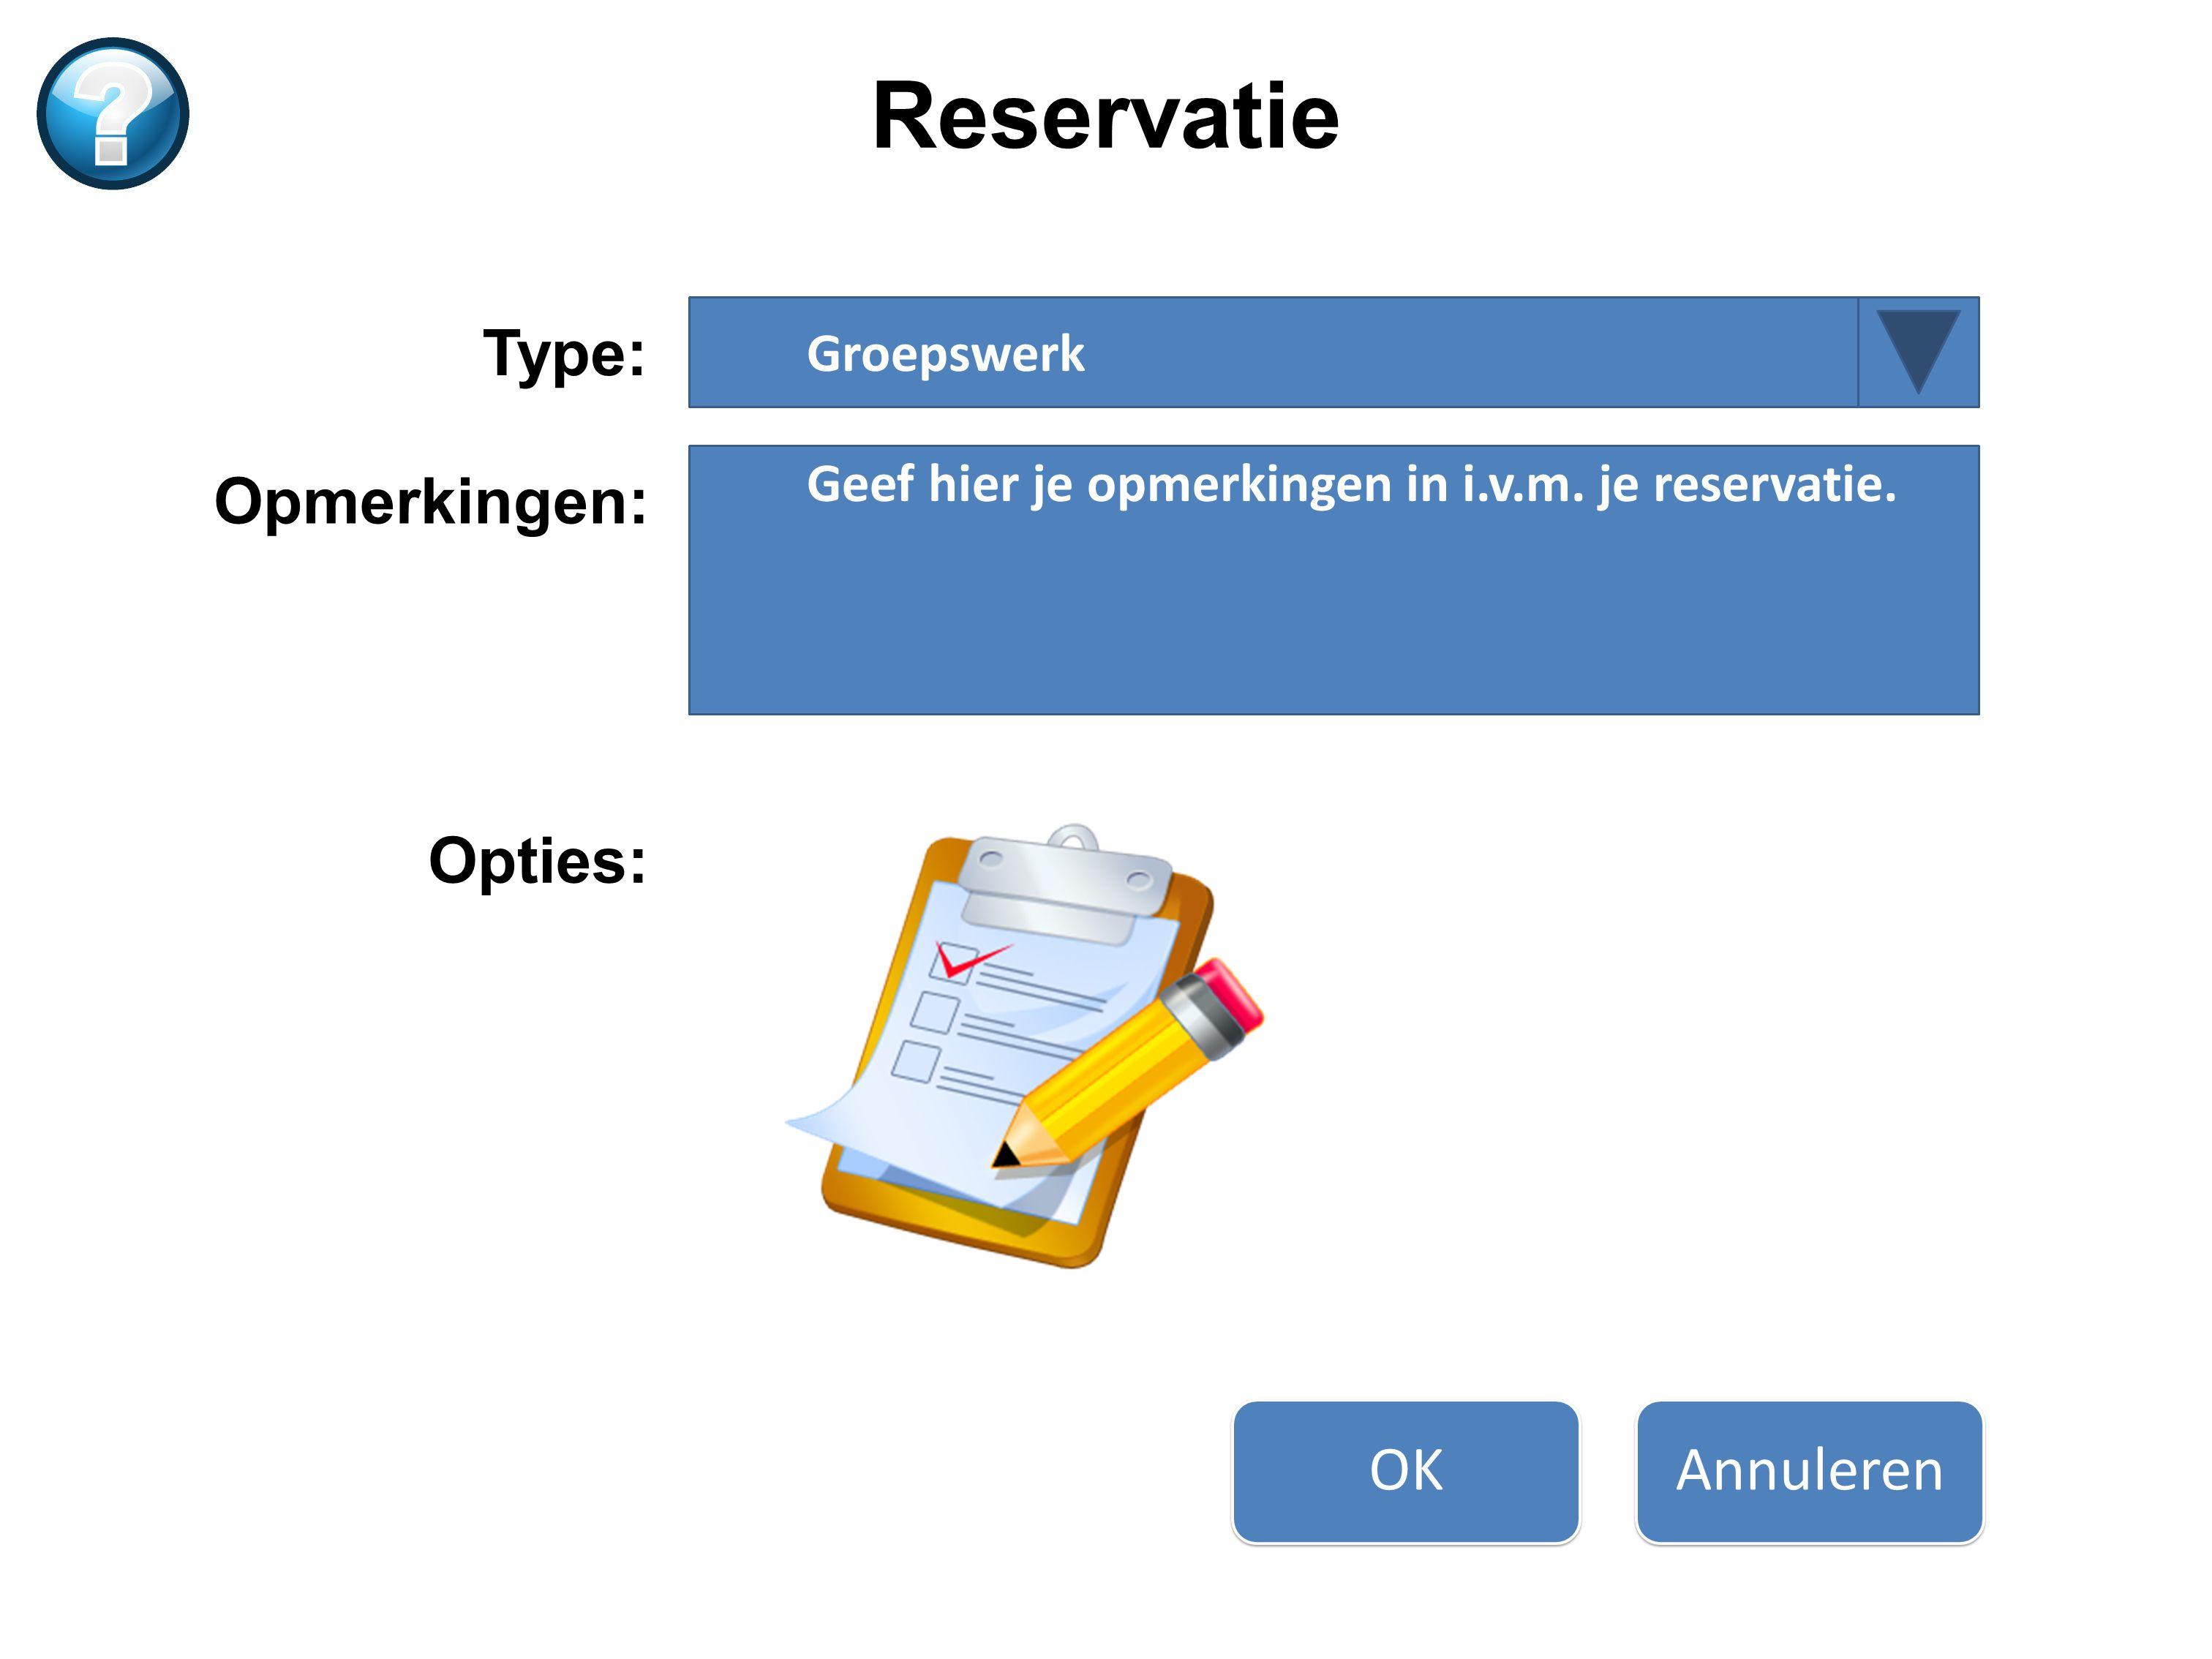 Groepswerk Type: Geef hier je opmerkingen in i.v.m. je reservatie. Opmerkingen: OKAnnuleren Reservatie Opties: